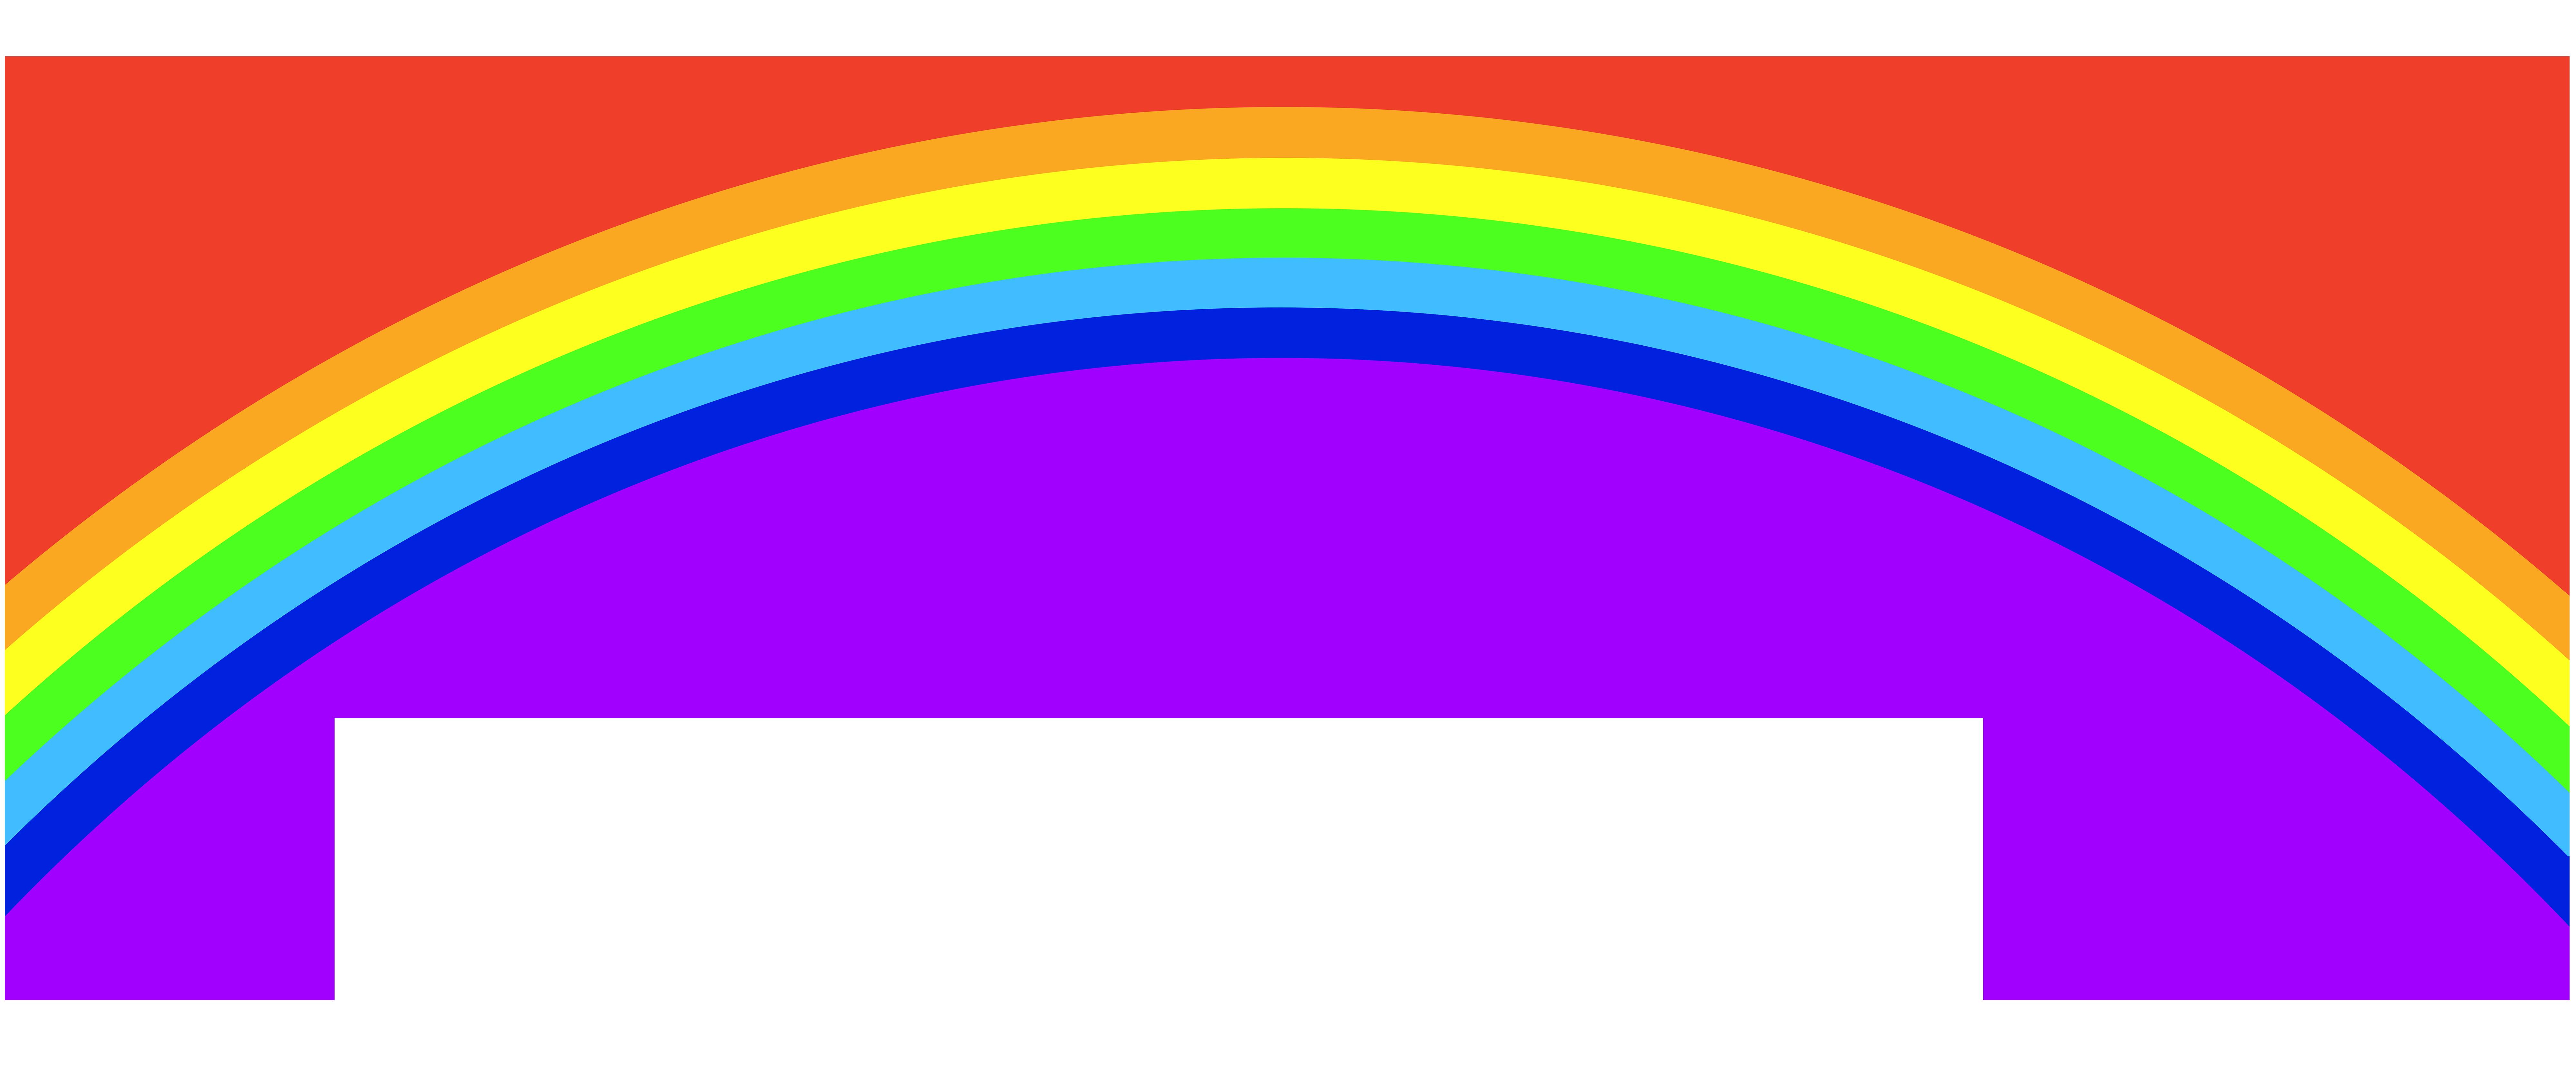 Clipart road circle. Rainbow clip art png